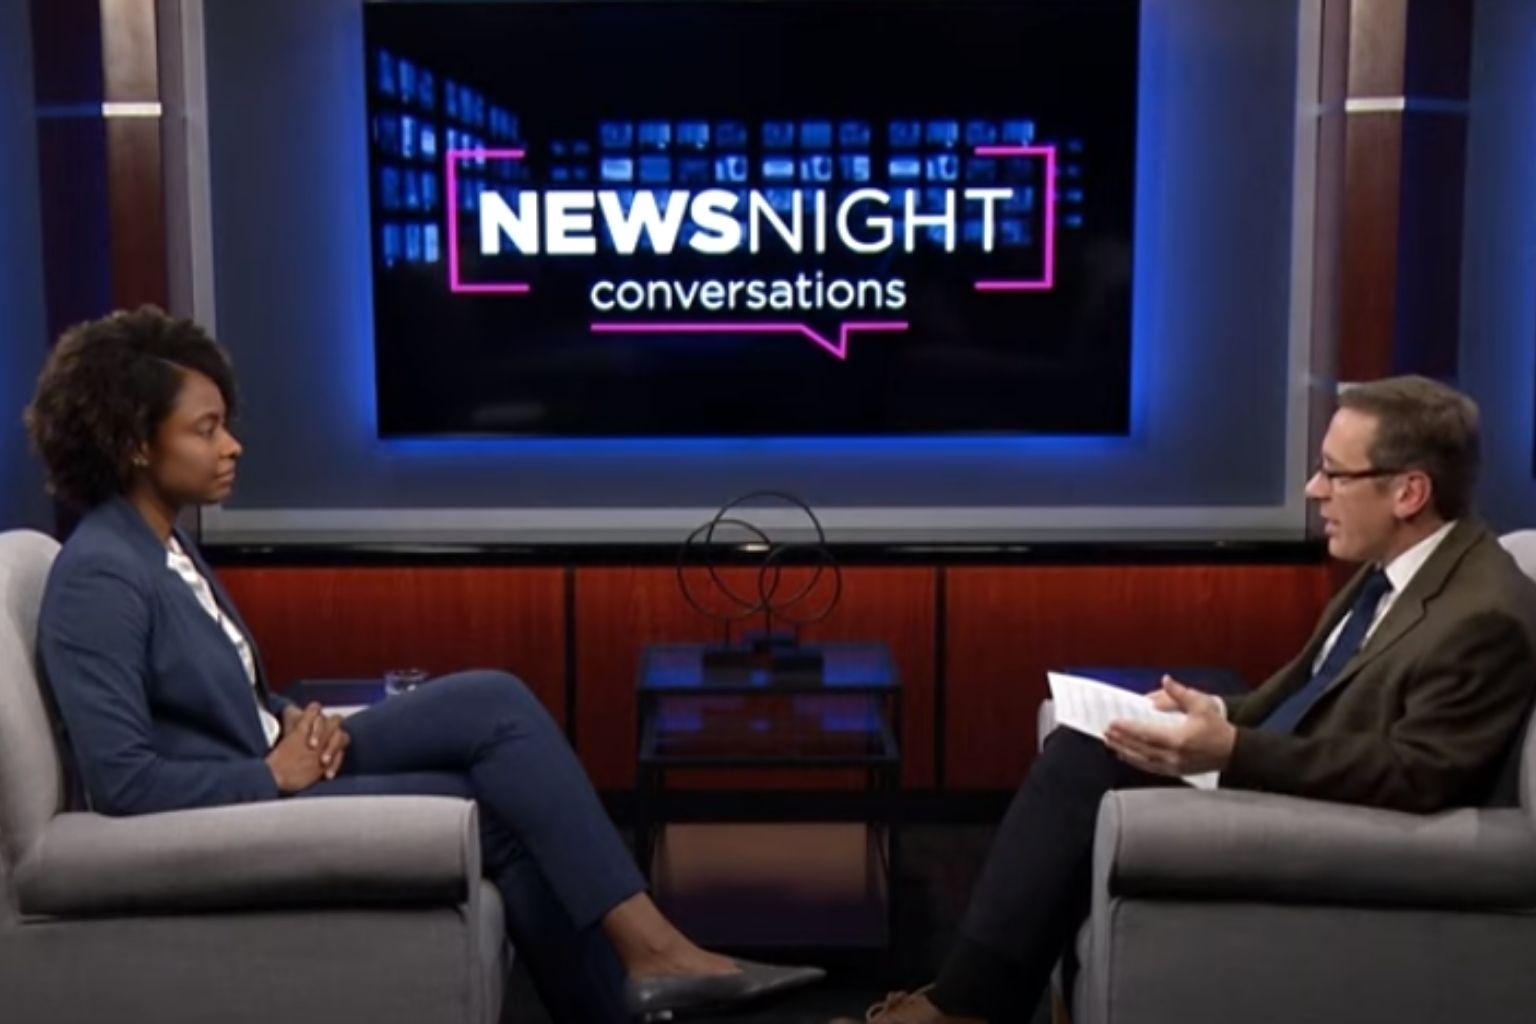 Newsnight-conversations-coronavirus-mackenzie-weise